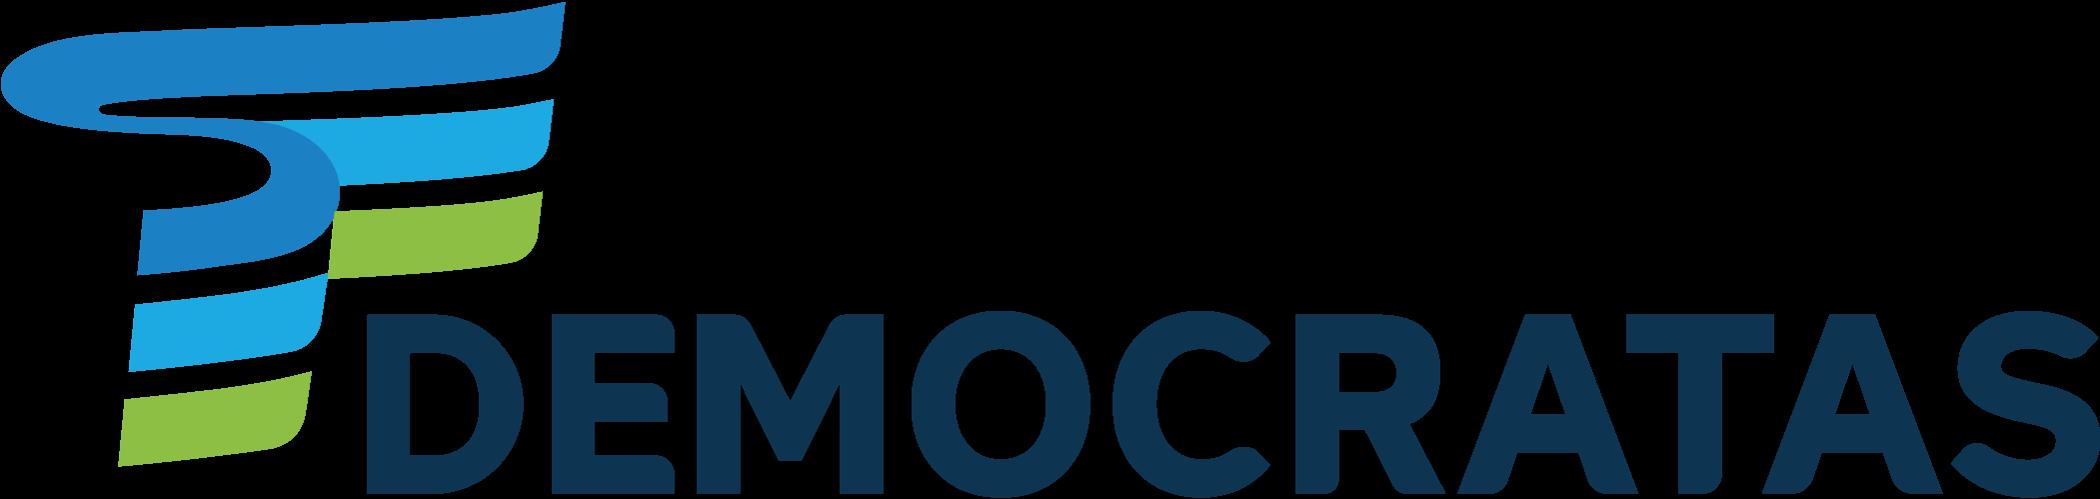 dem democratas logo partido 2 - DEM Logo - Partido Democratas Logo